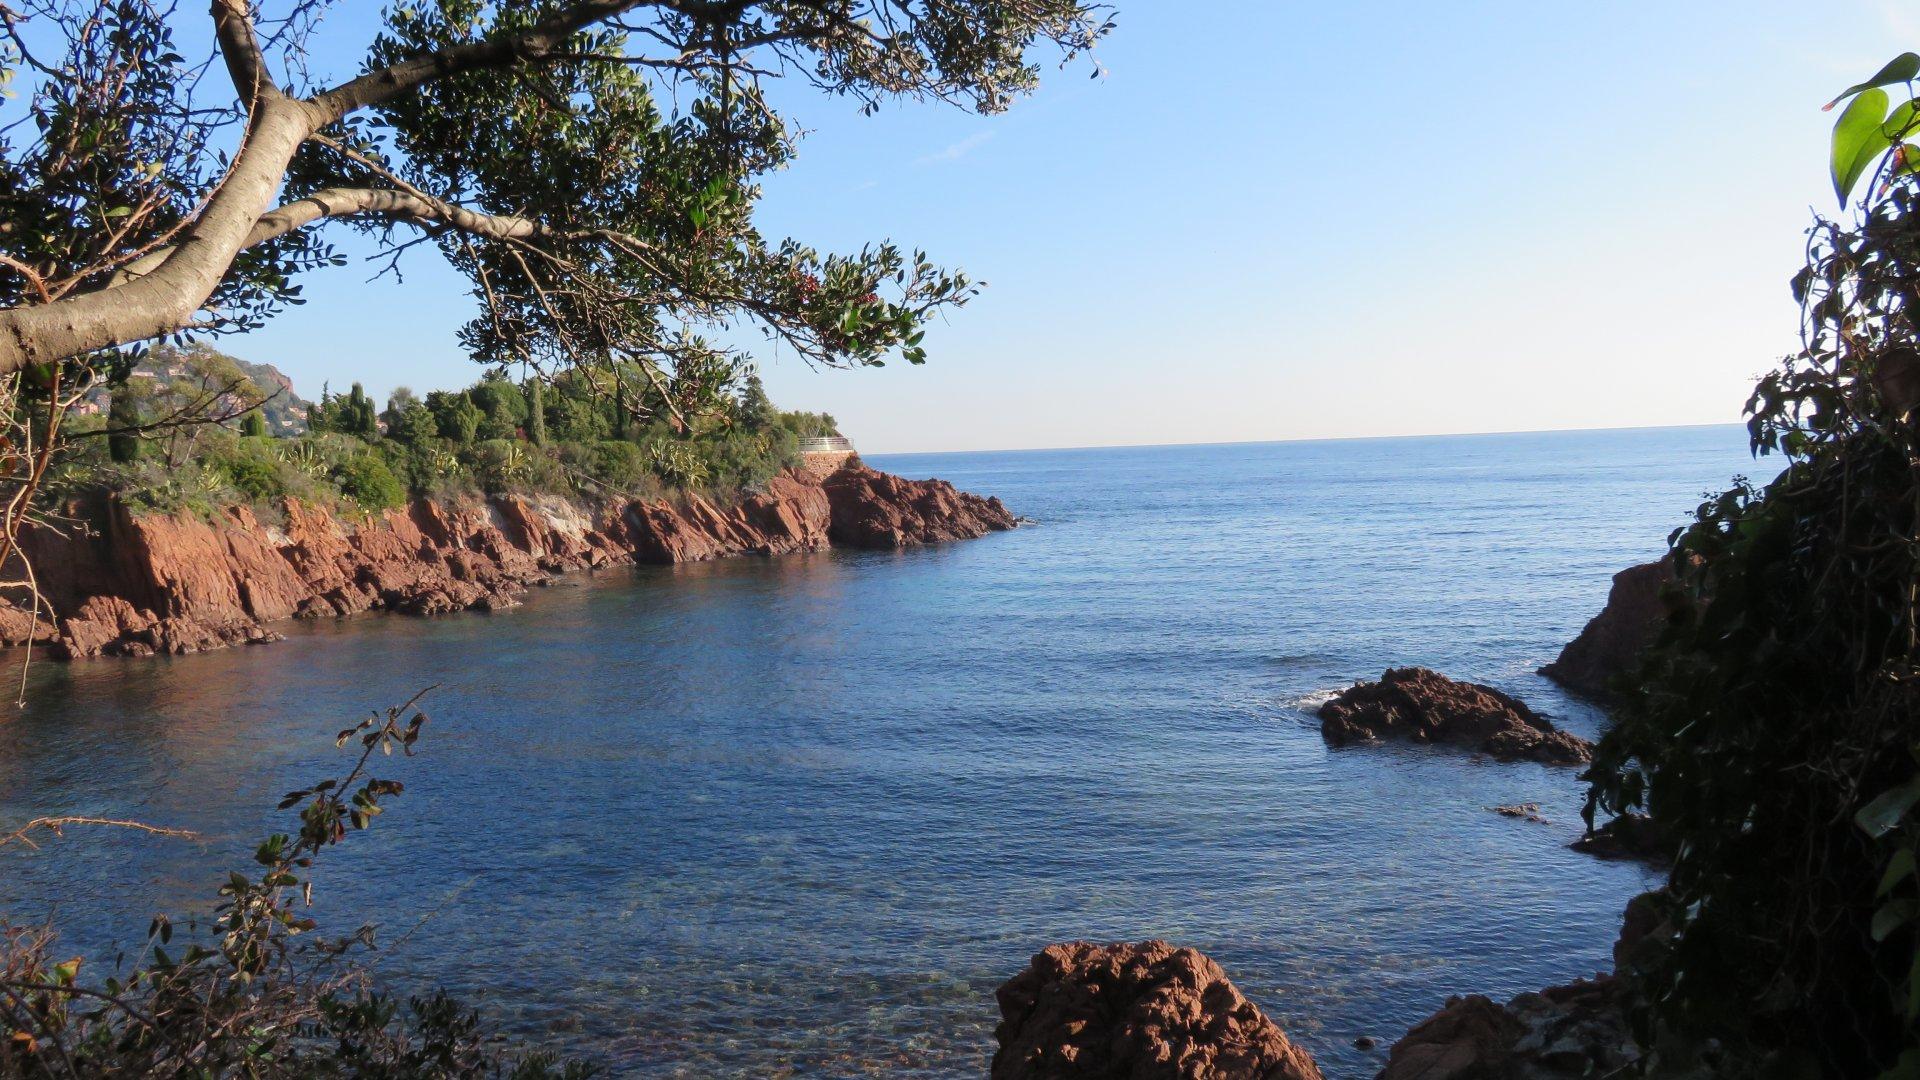 La plage se trouve à deux petites minutes à pieds et c'est le paradis !